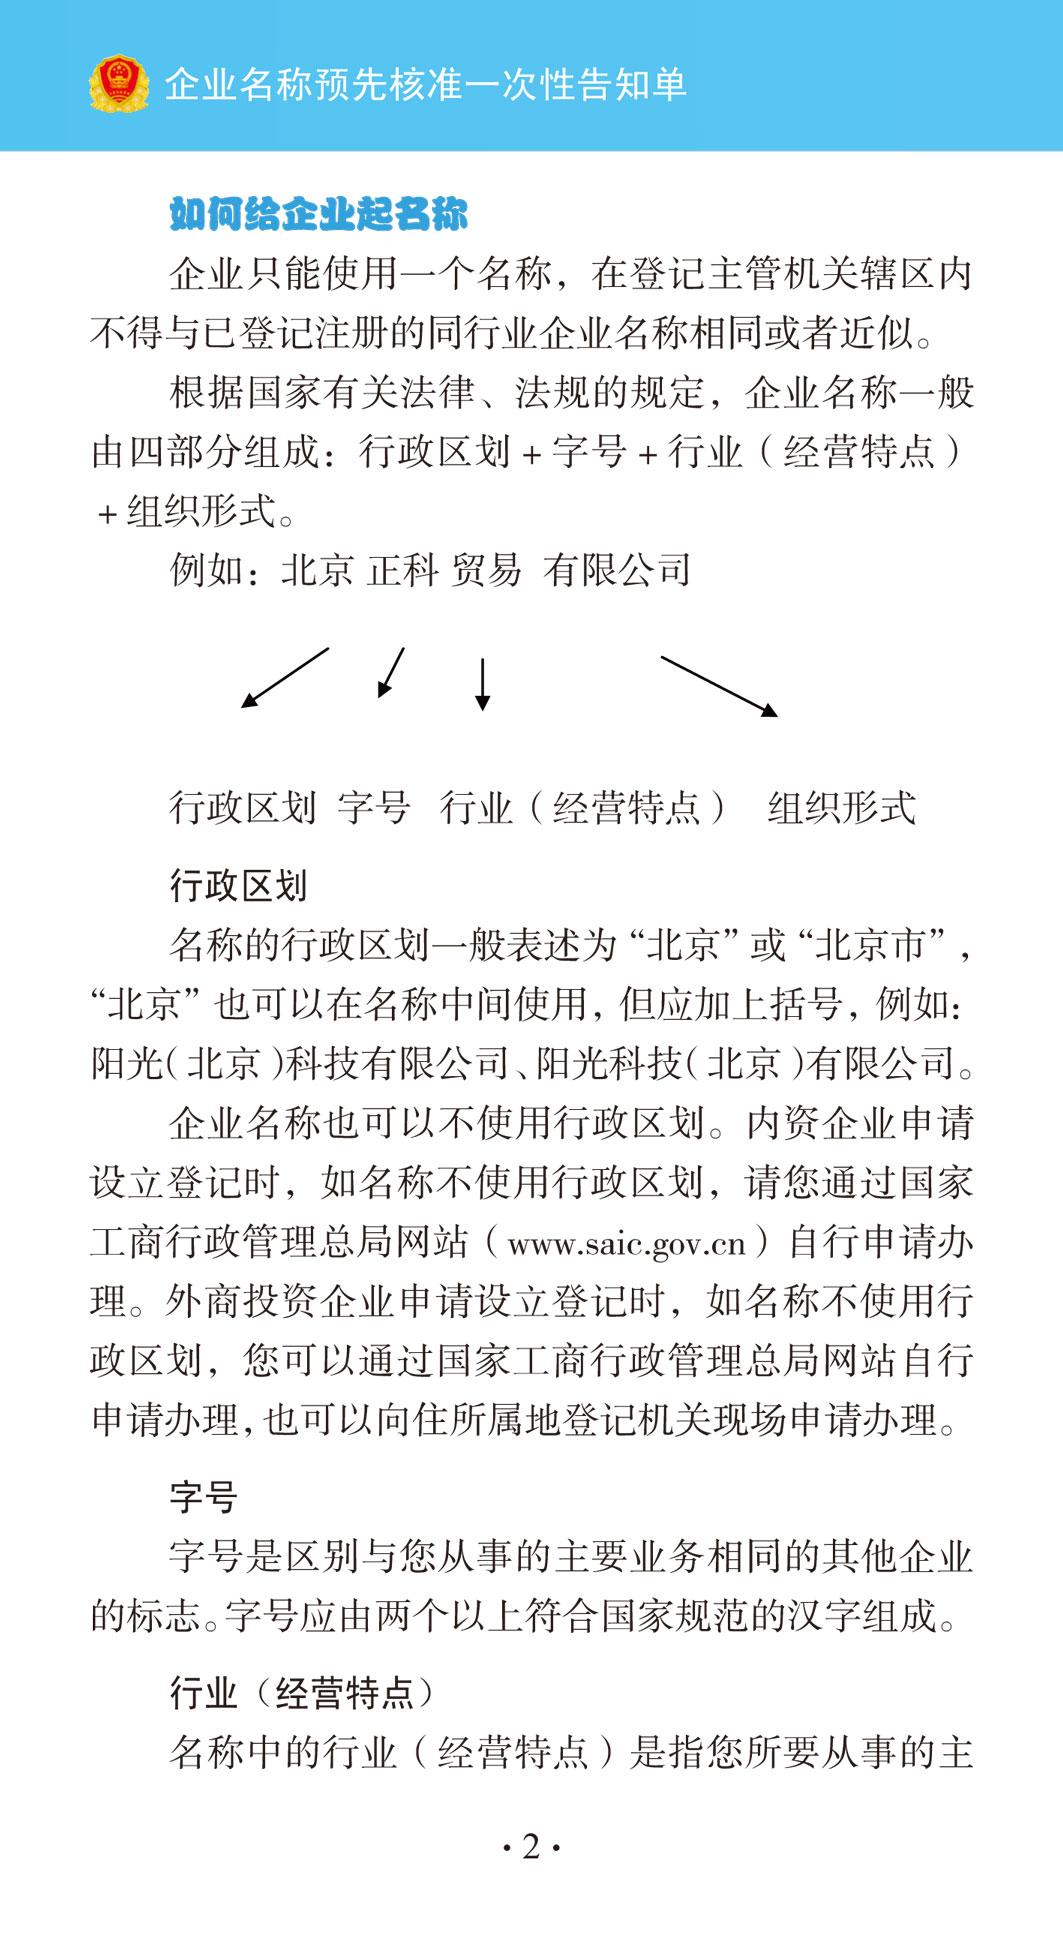 北京上海注册公司起名需要的材料